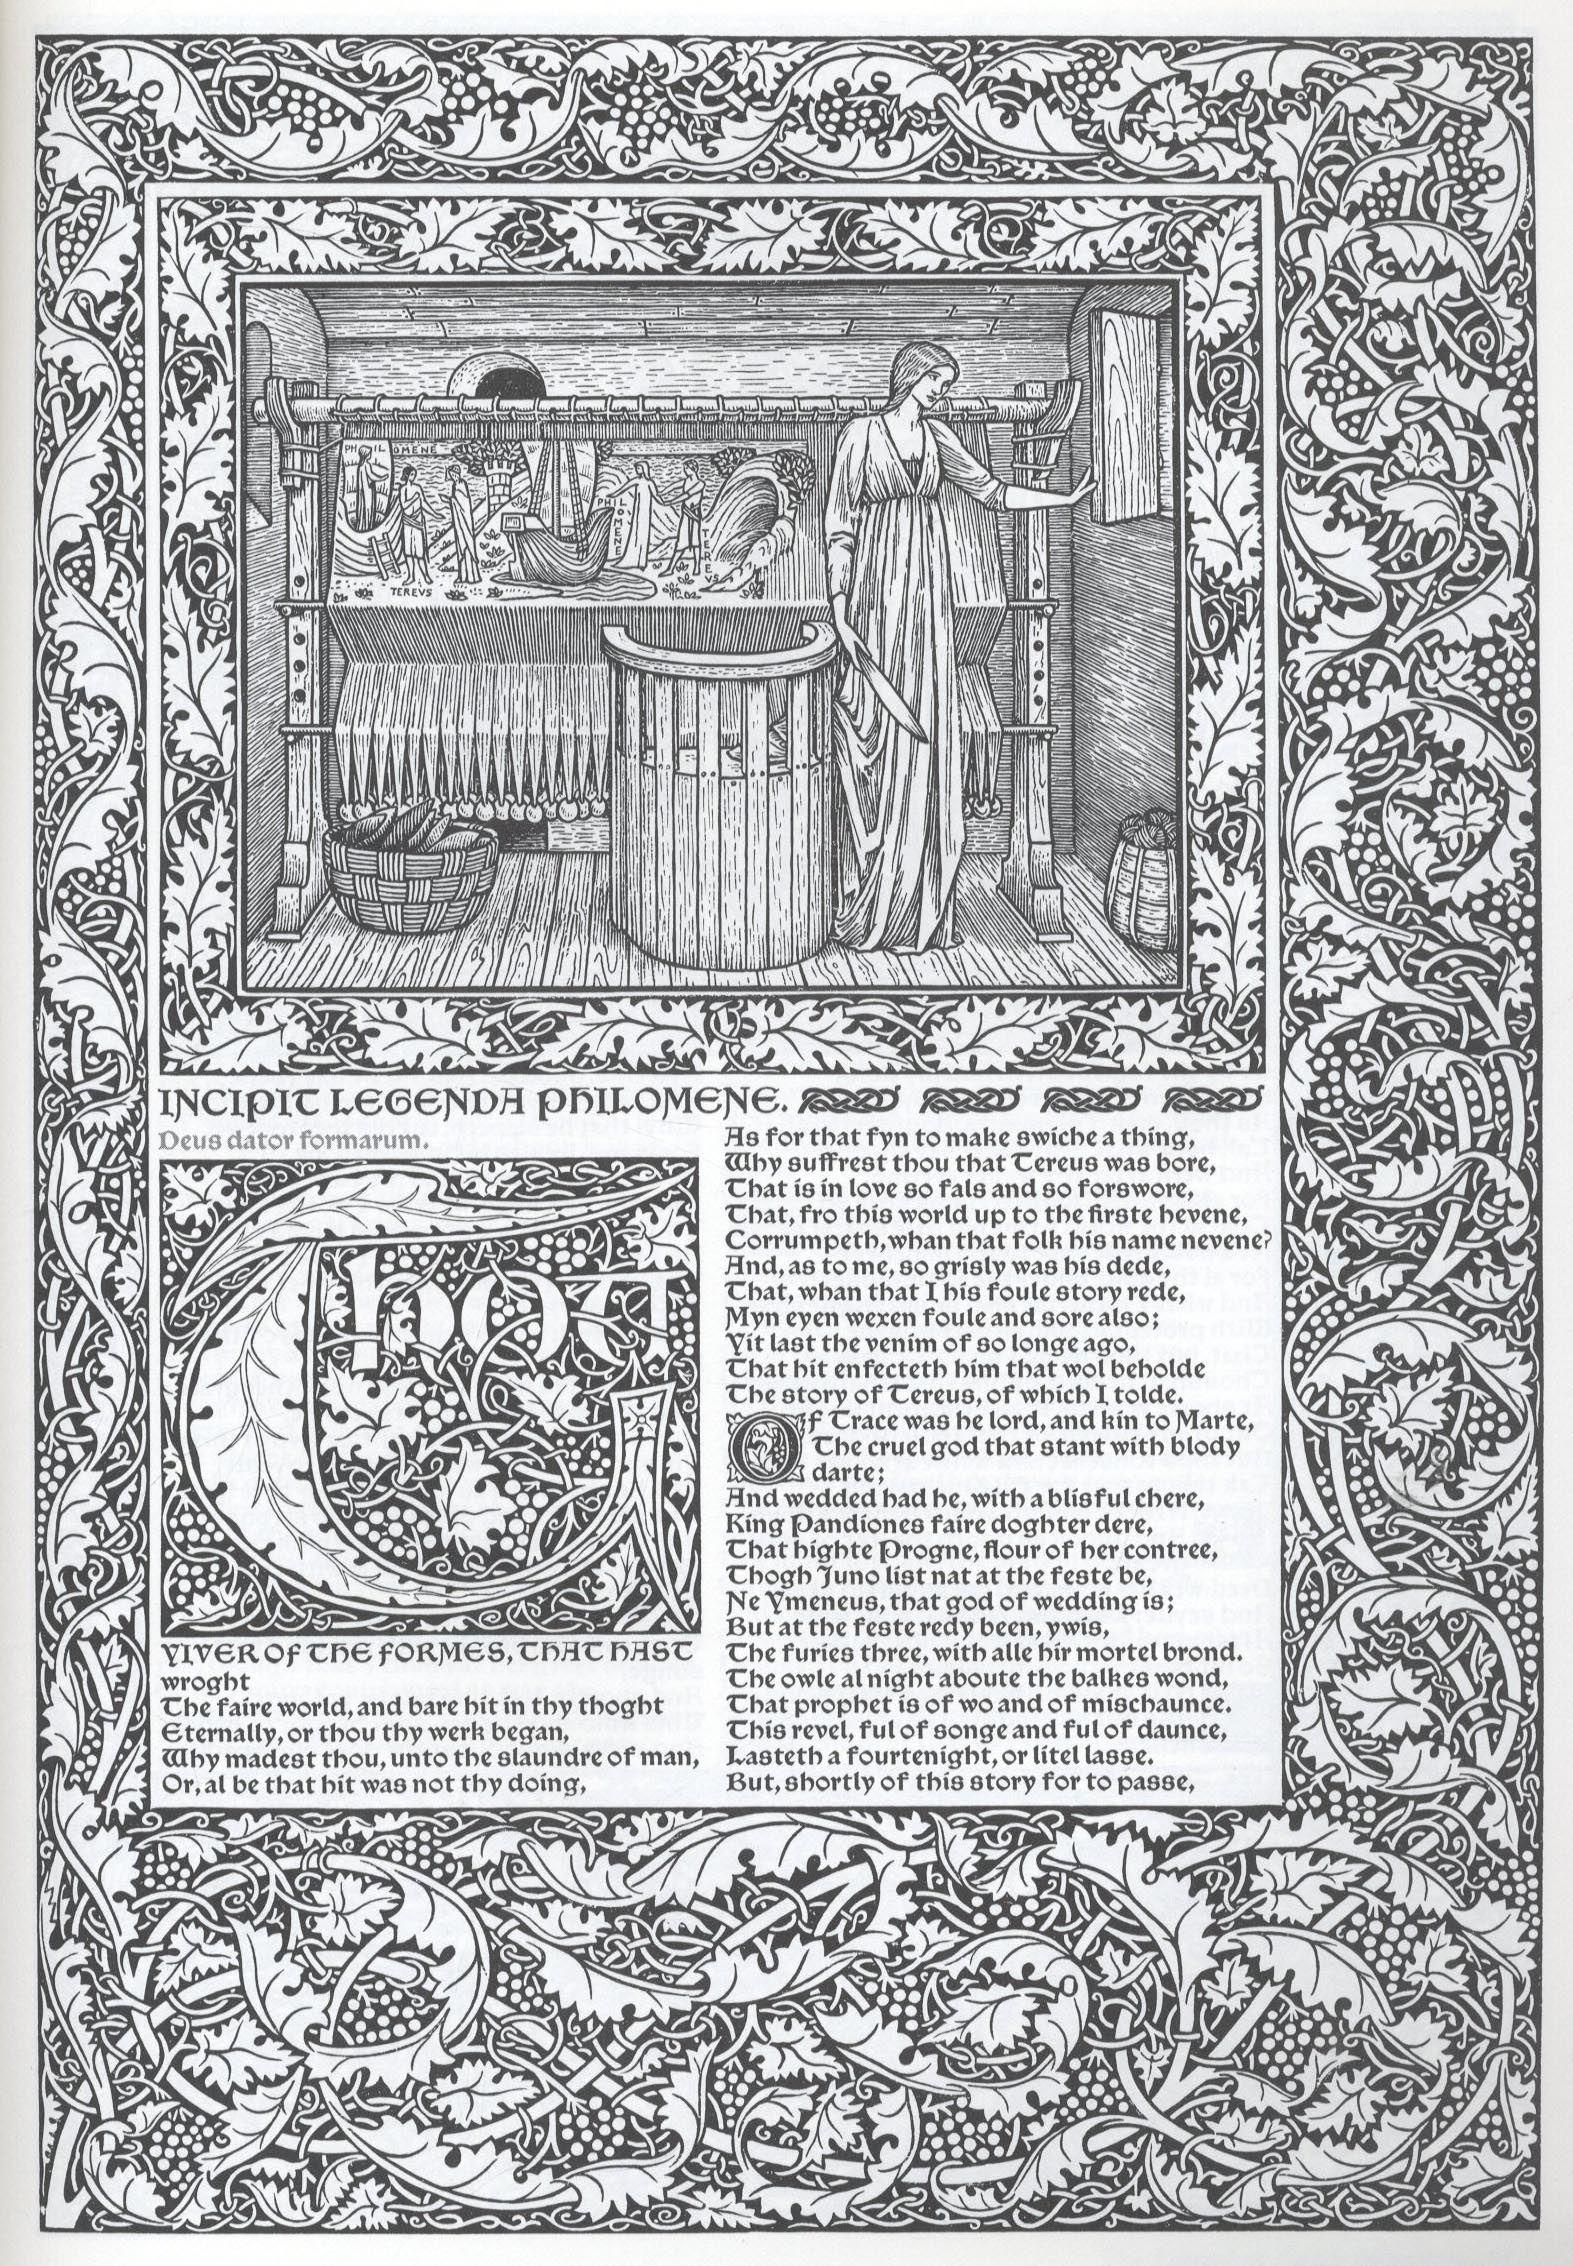 Alphabet of Illustrators-  Burne-Jones and William Morris - 1896.